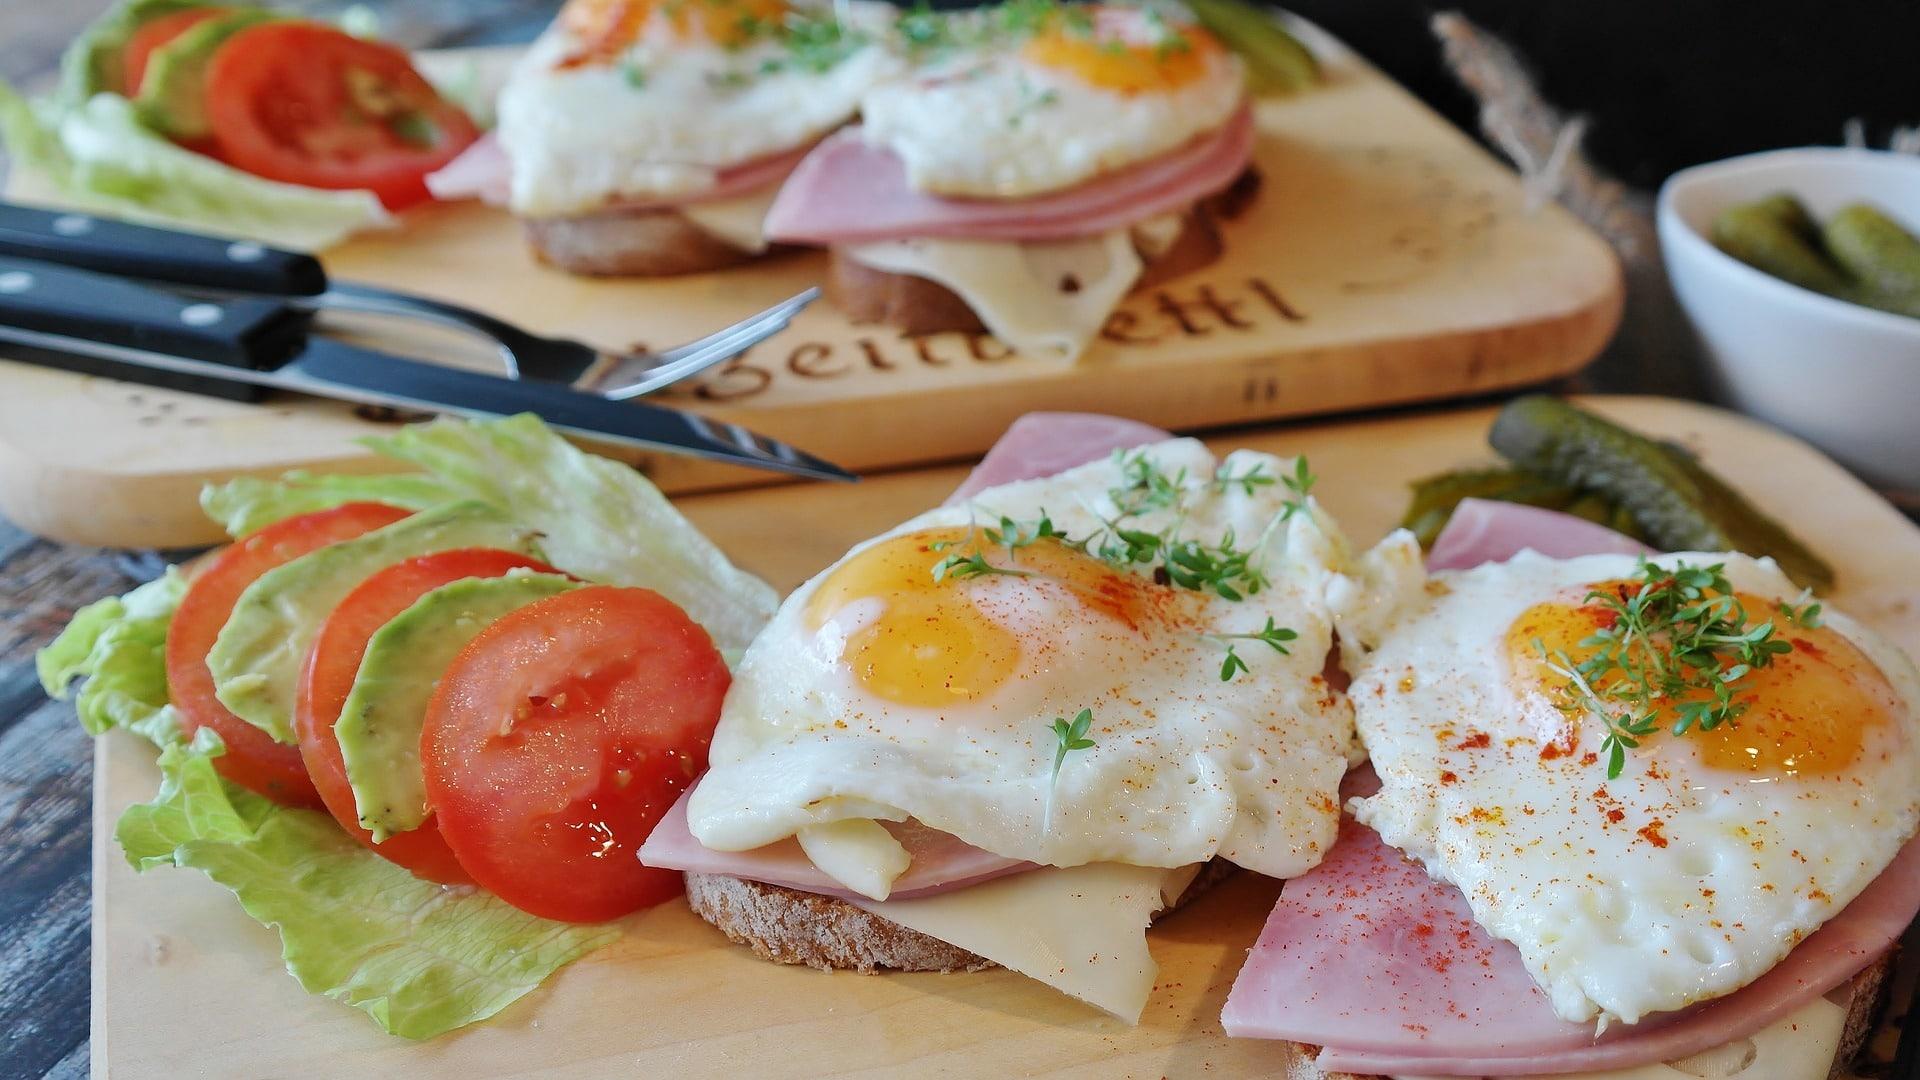 Ideálním zdrojem kvalitních bílkovin jsou vejce, dejte si je k snídani / foto: pixabay.com